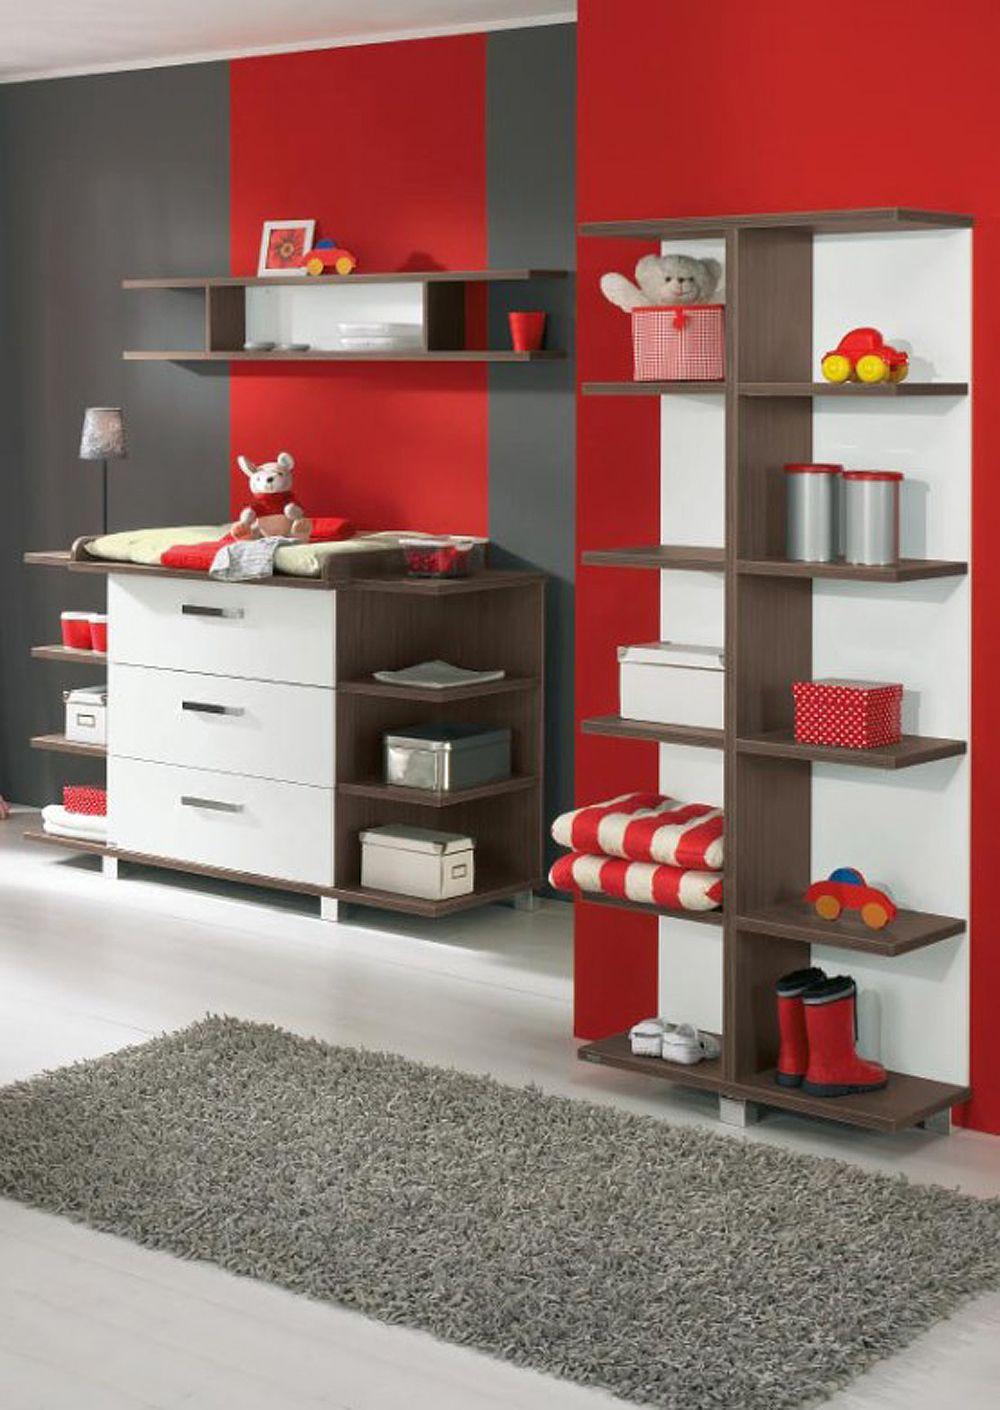 Fotos e ideas para pintar y decorar una habitaci n de - Sofa gris como pintar las paredes ...